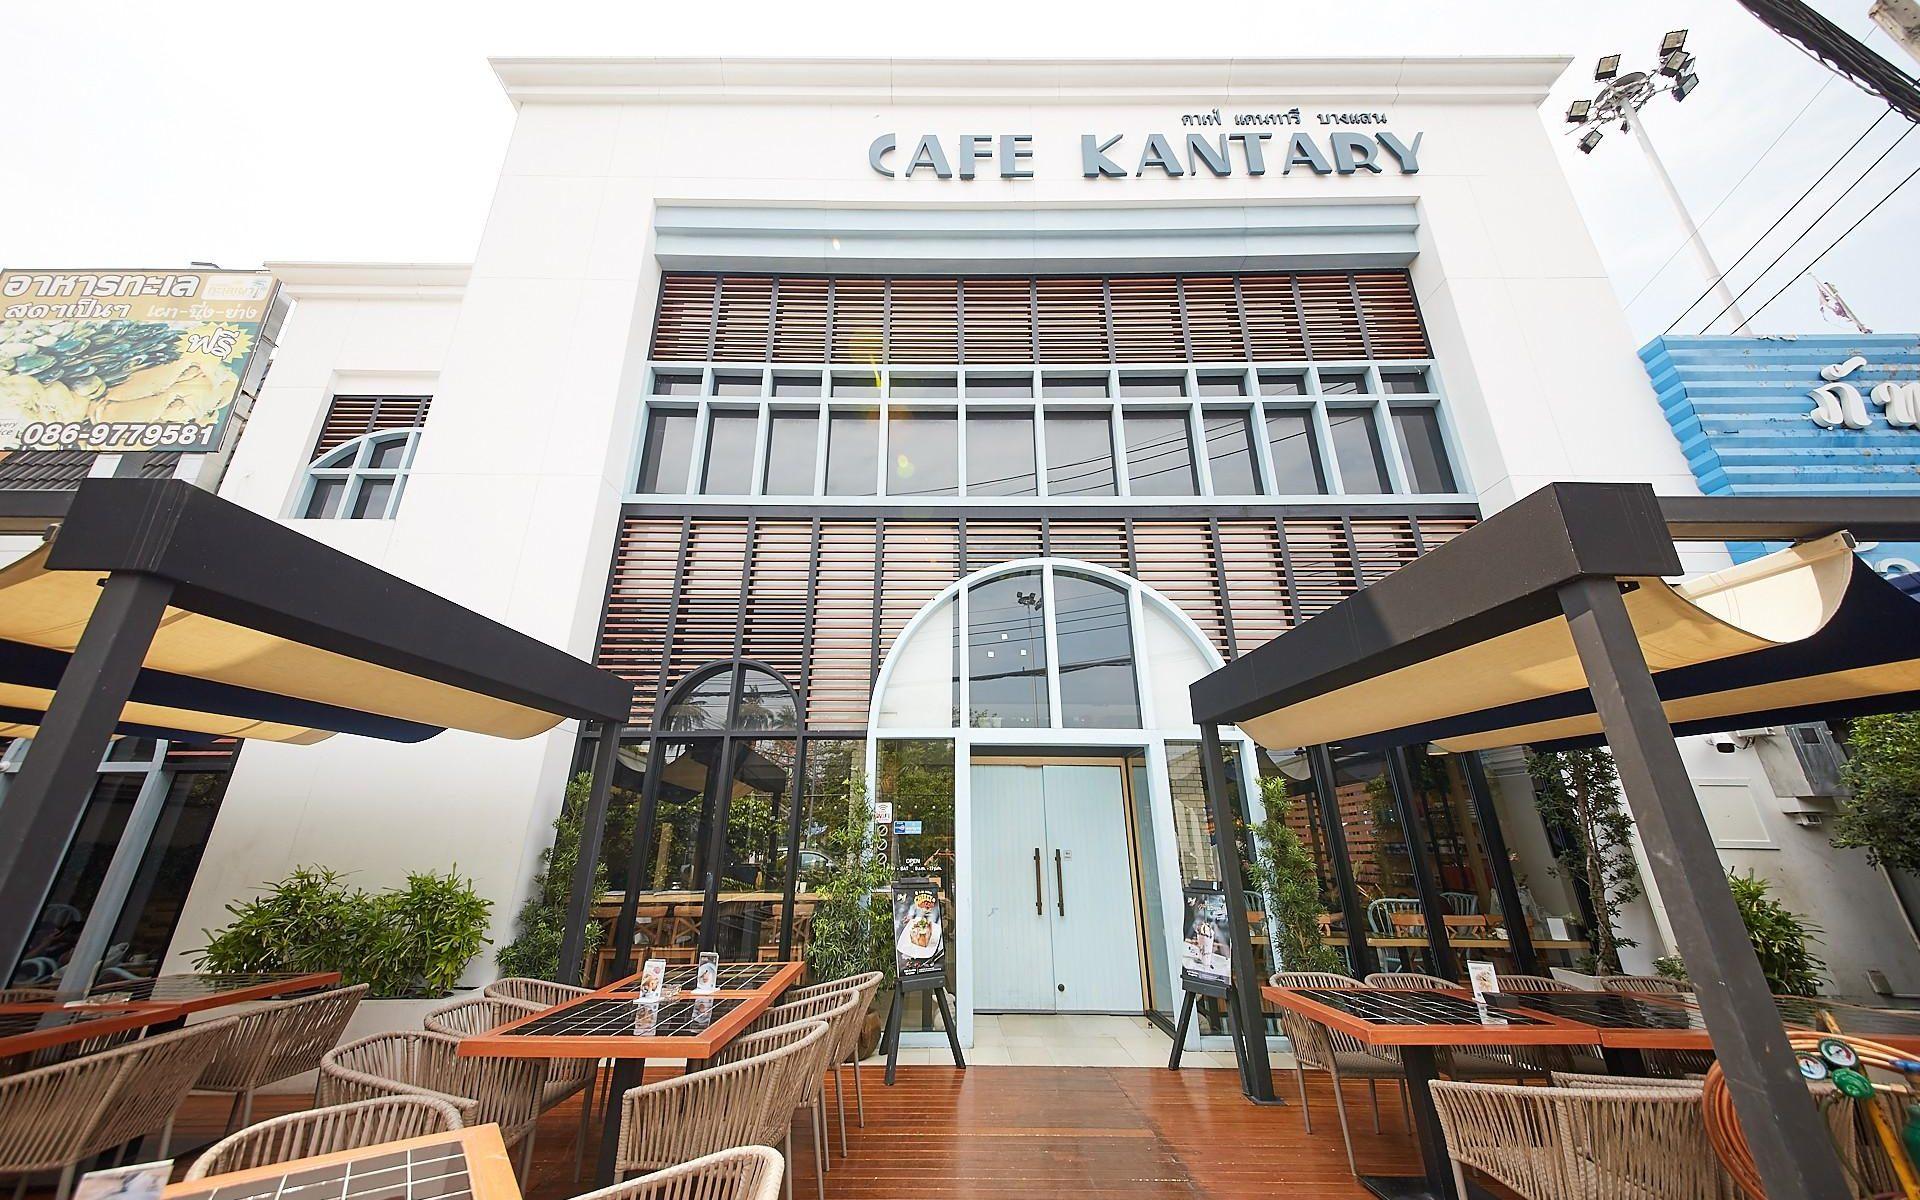 cafe kantary